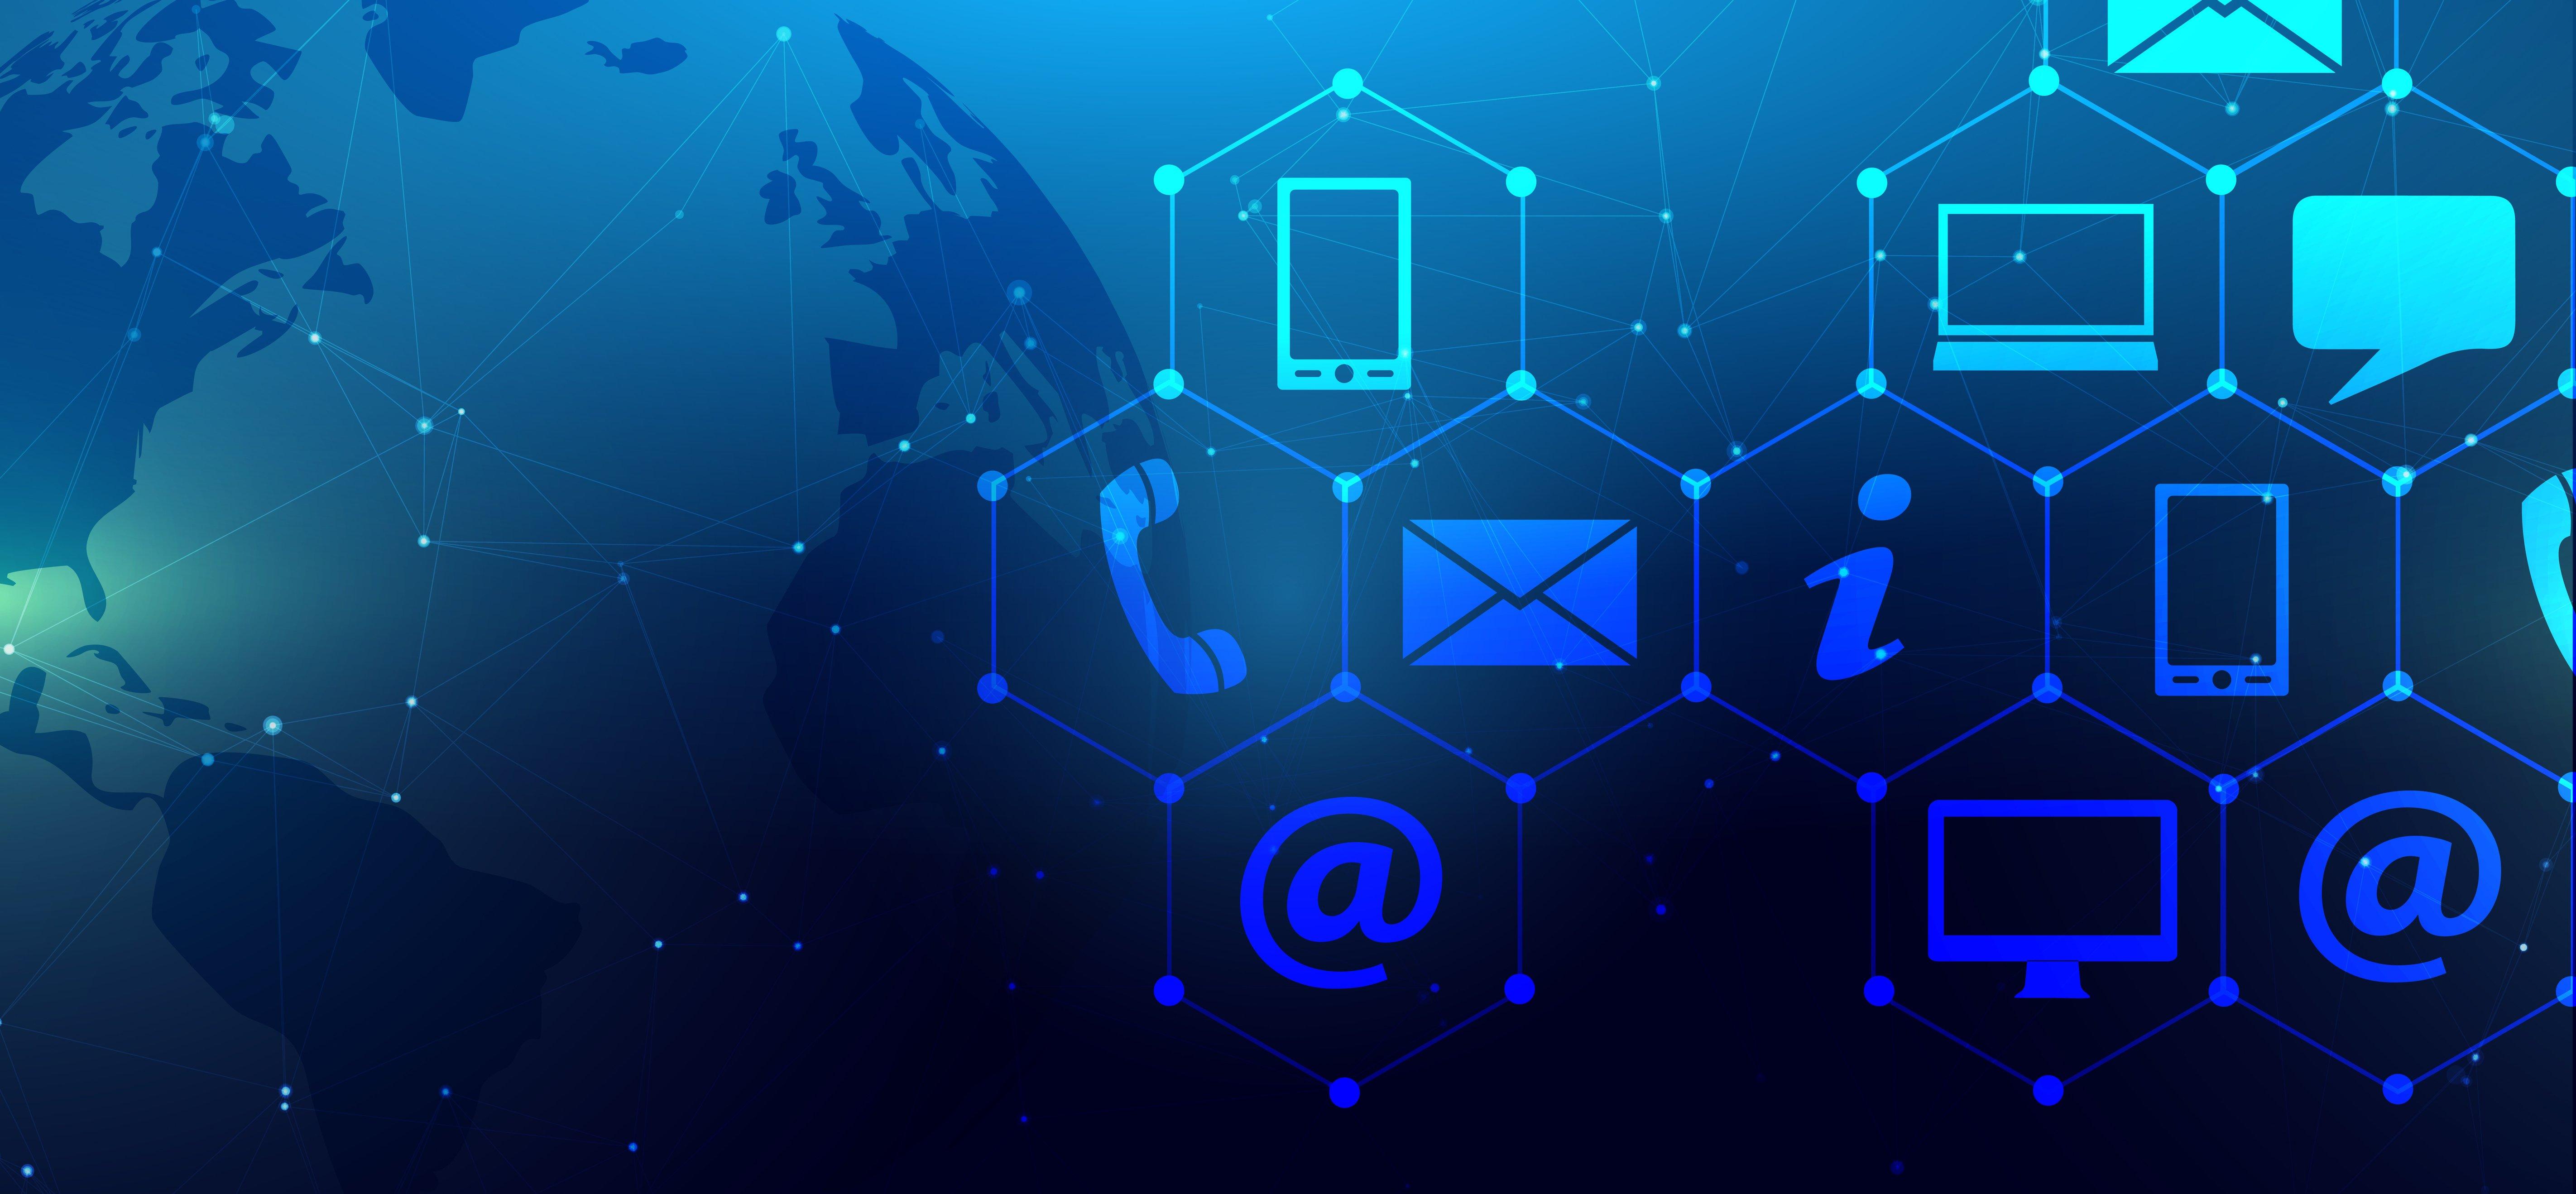 Förderprogramm Digitalisierung – so erhalten KMUs die nötigen Mittel - Featured Image